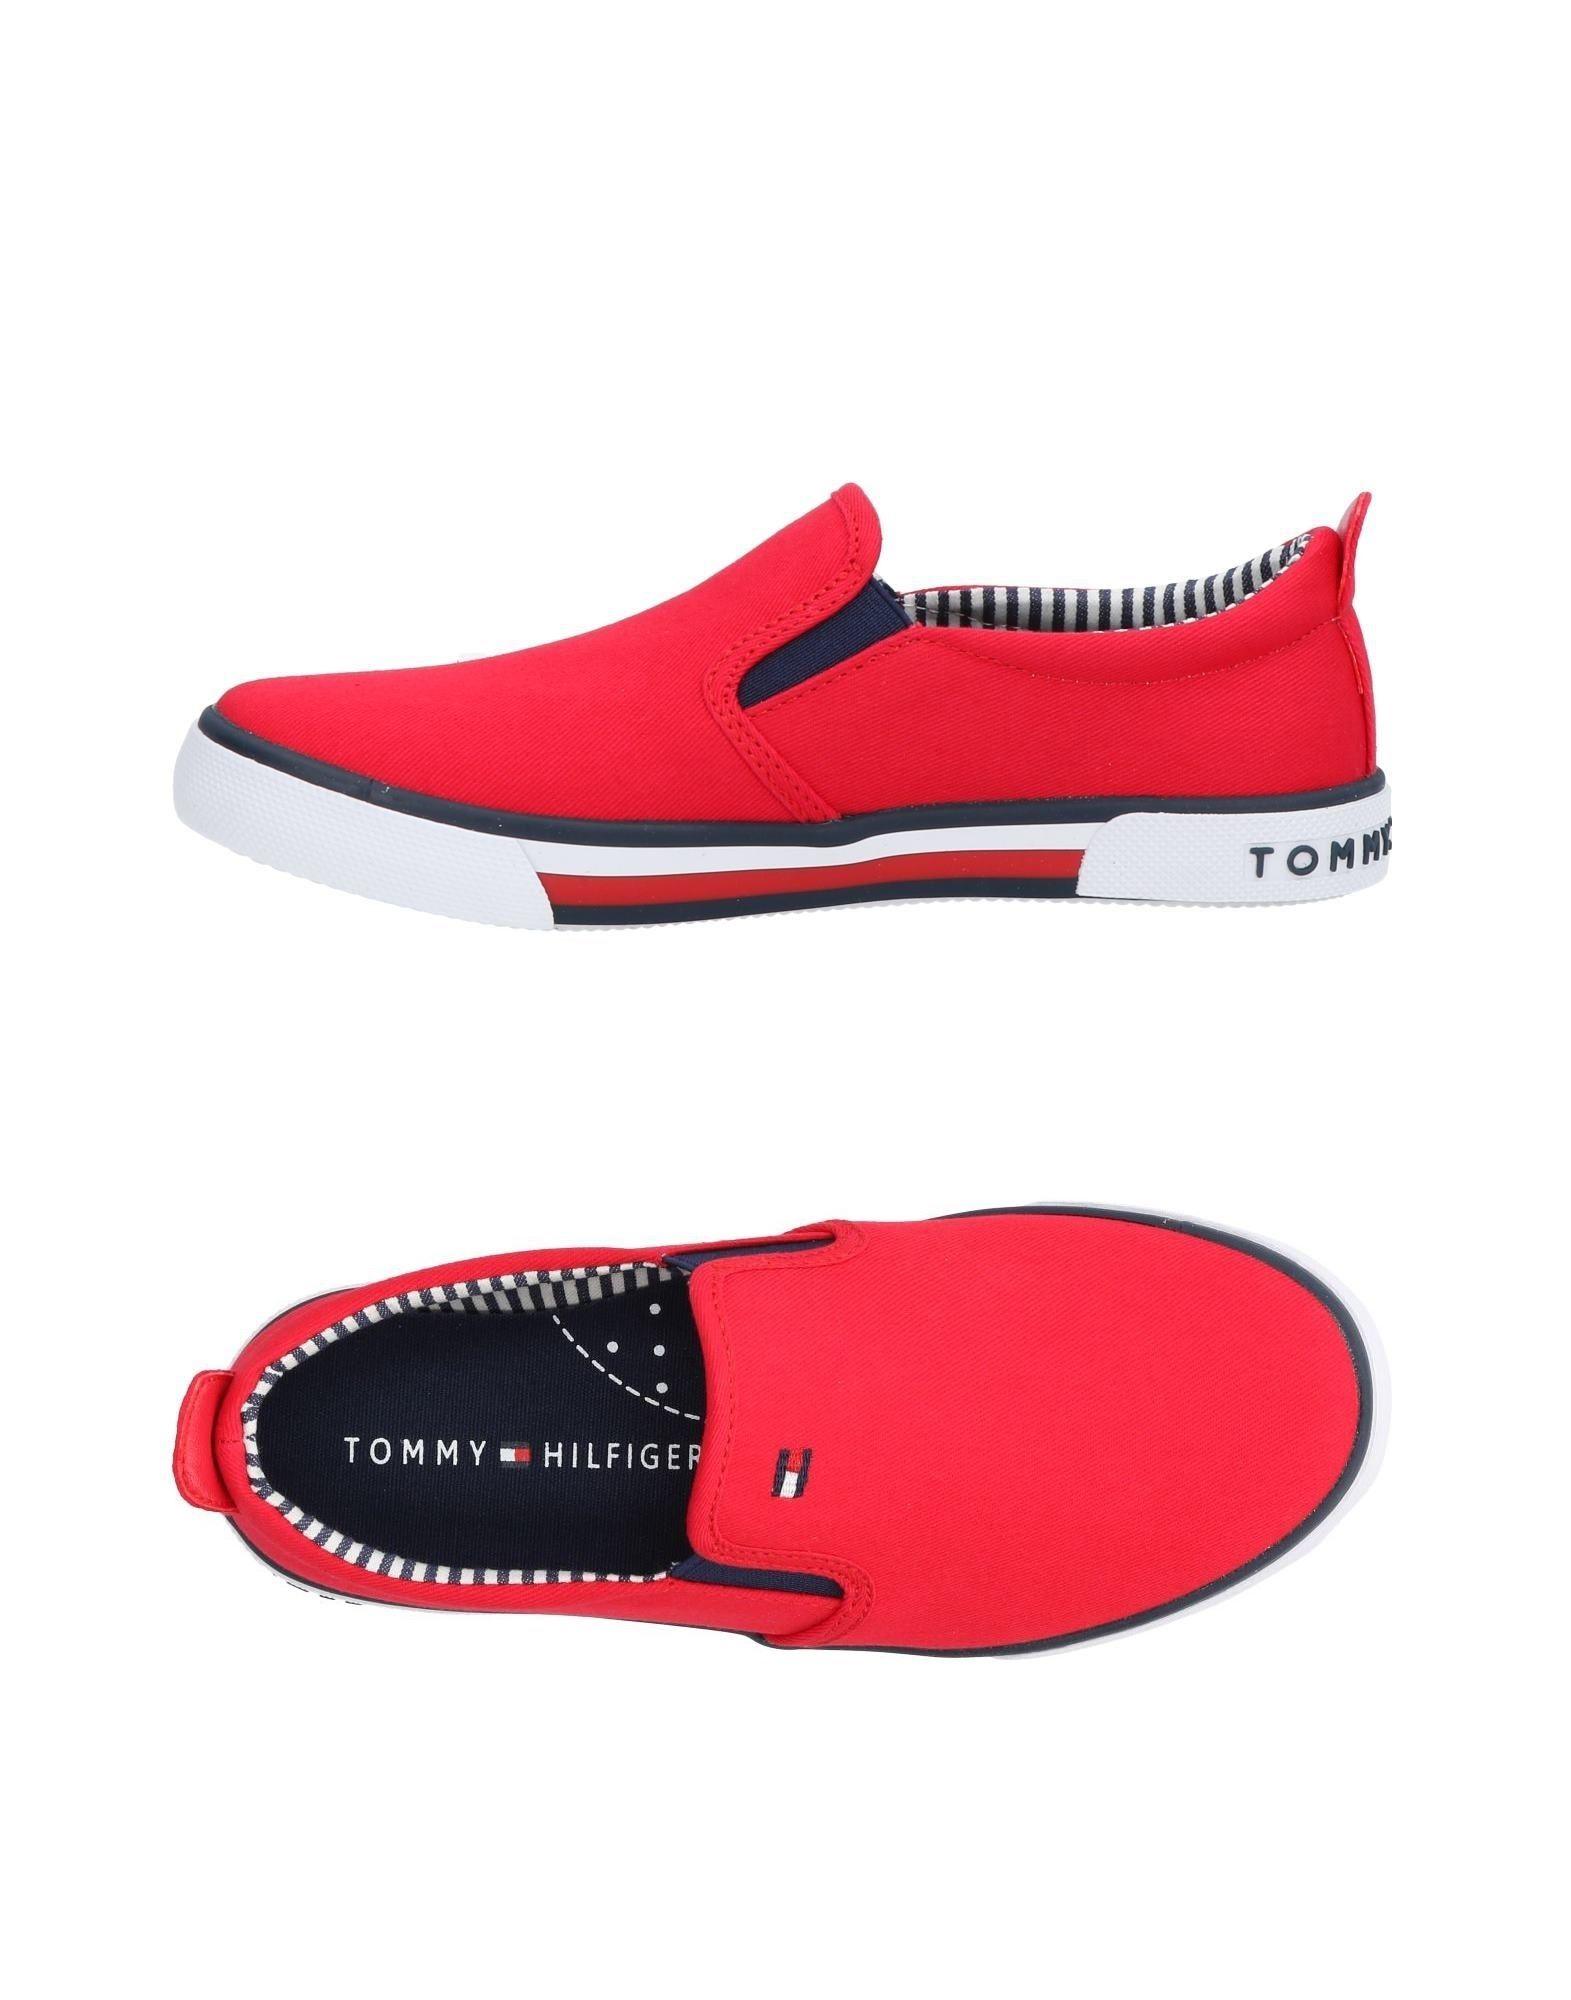 buy online 7027b 9c791 TOMMY HILFIGER Sneakers - Footwear   YOOX.COM